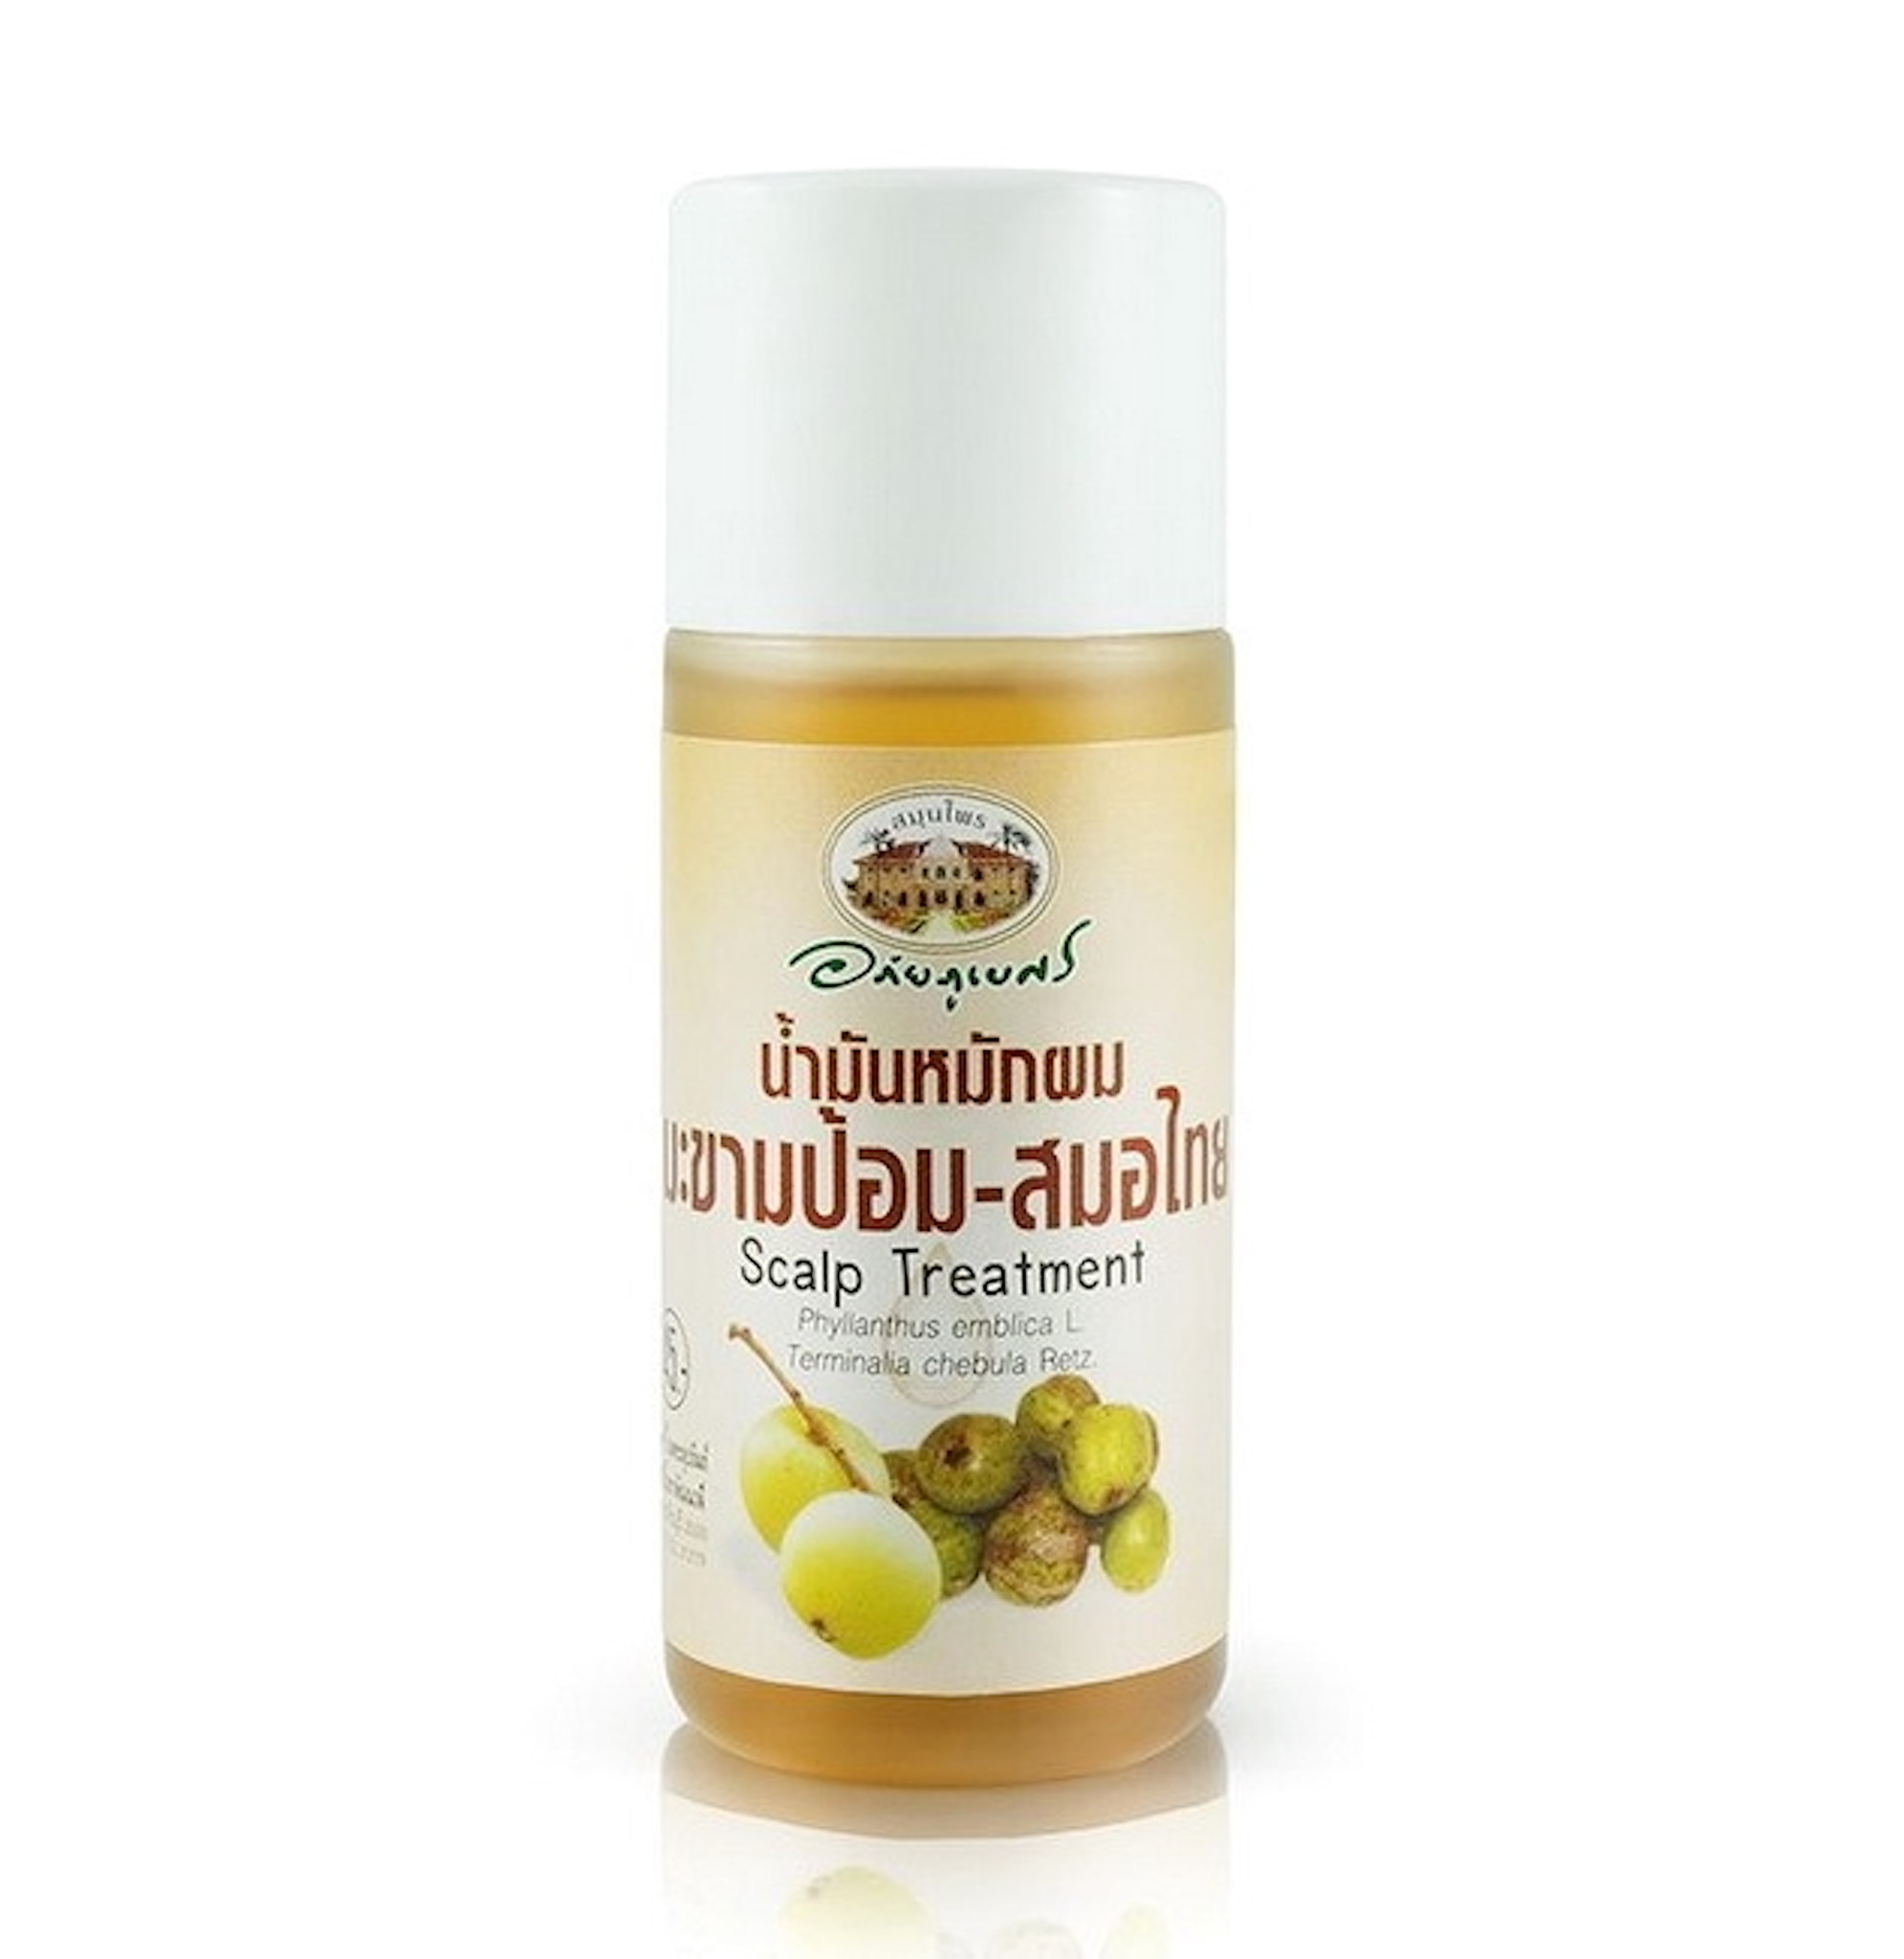 Abhaibhubejhr травяная натуральная сыворотка от выпадения волос купить в Иркутске